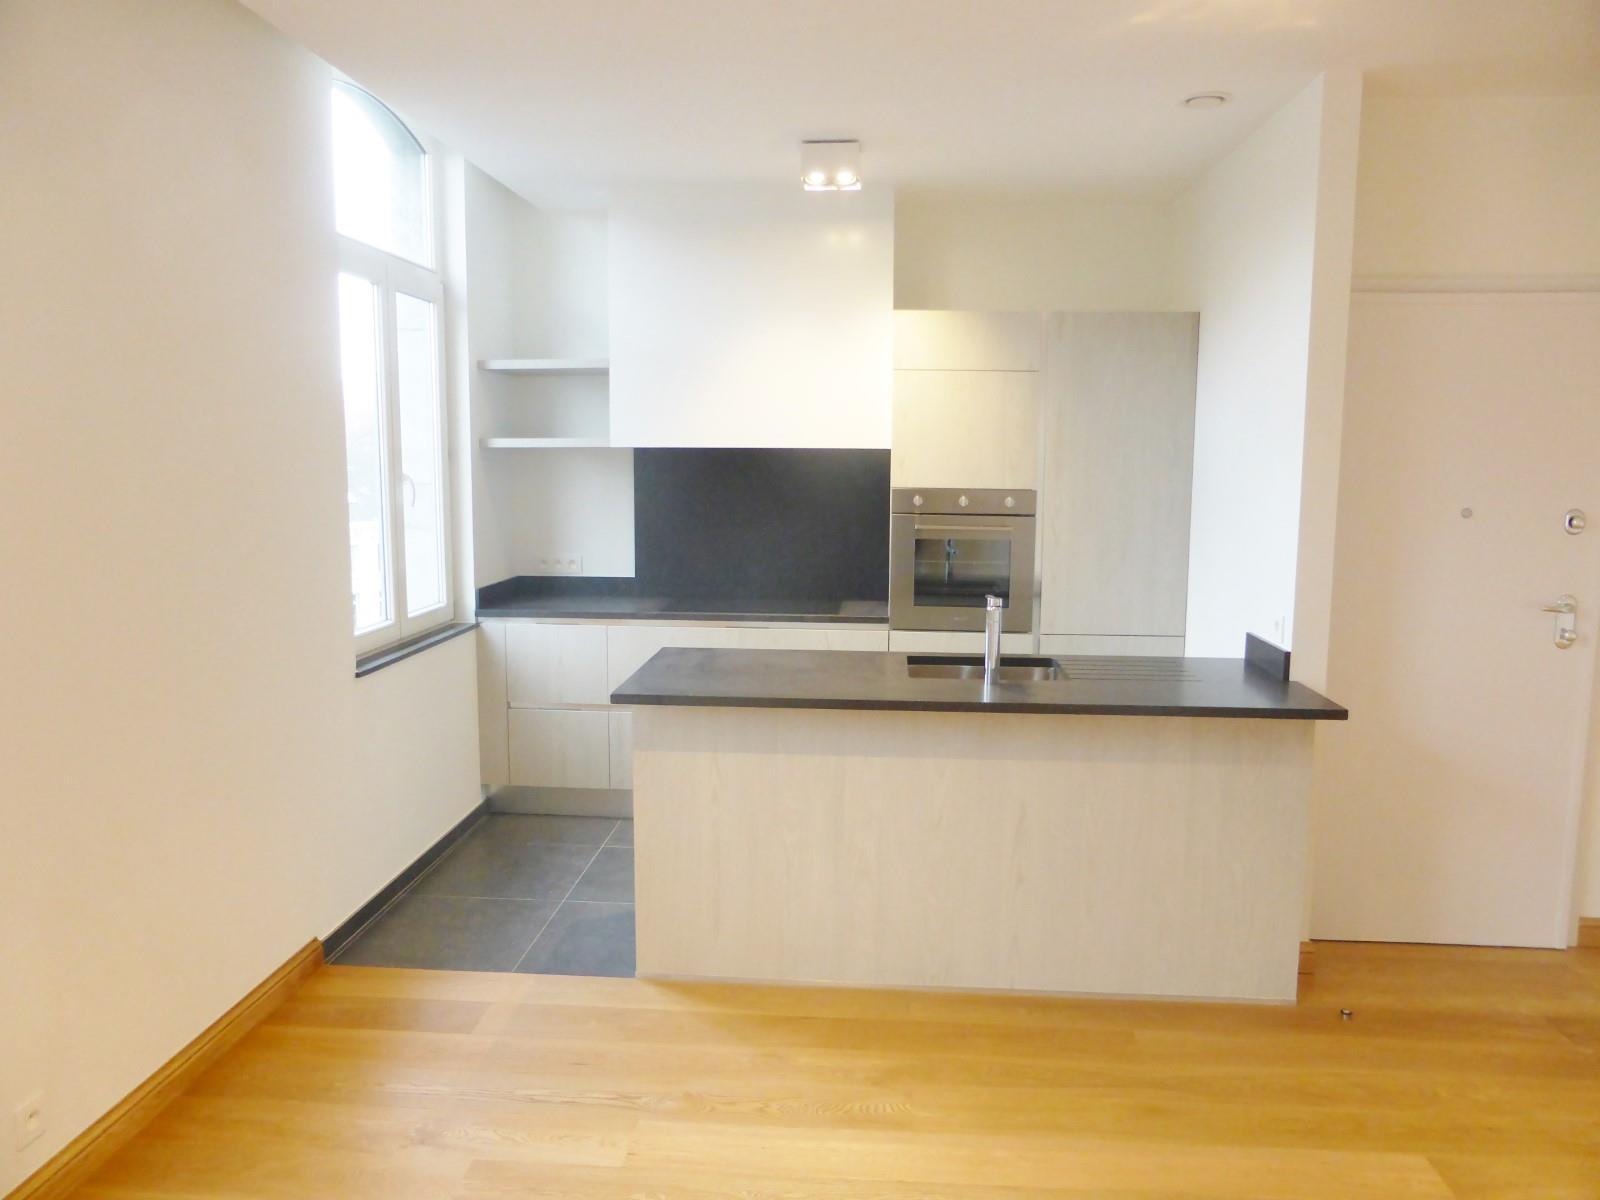 Appartement exceptionnel - Bruxelles - #4056384-29